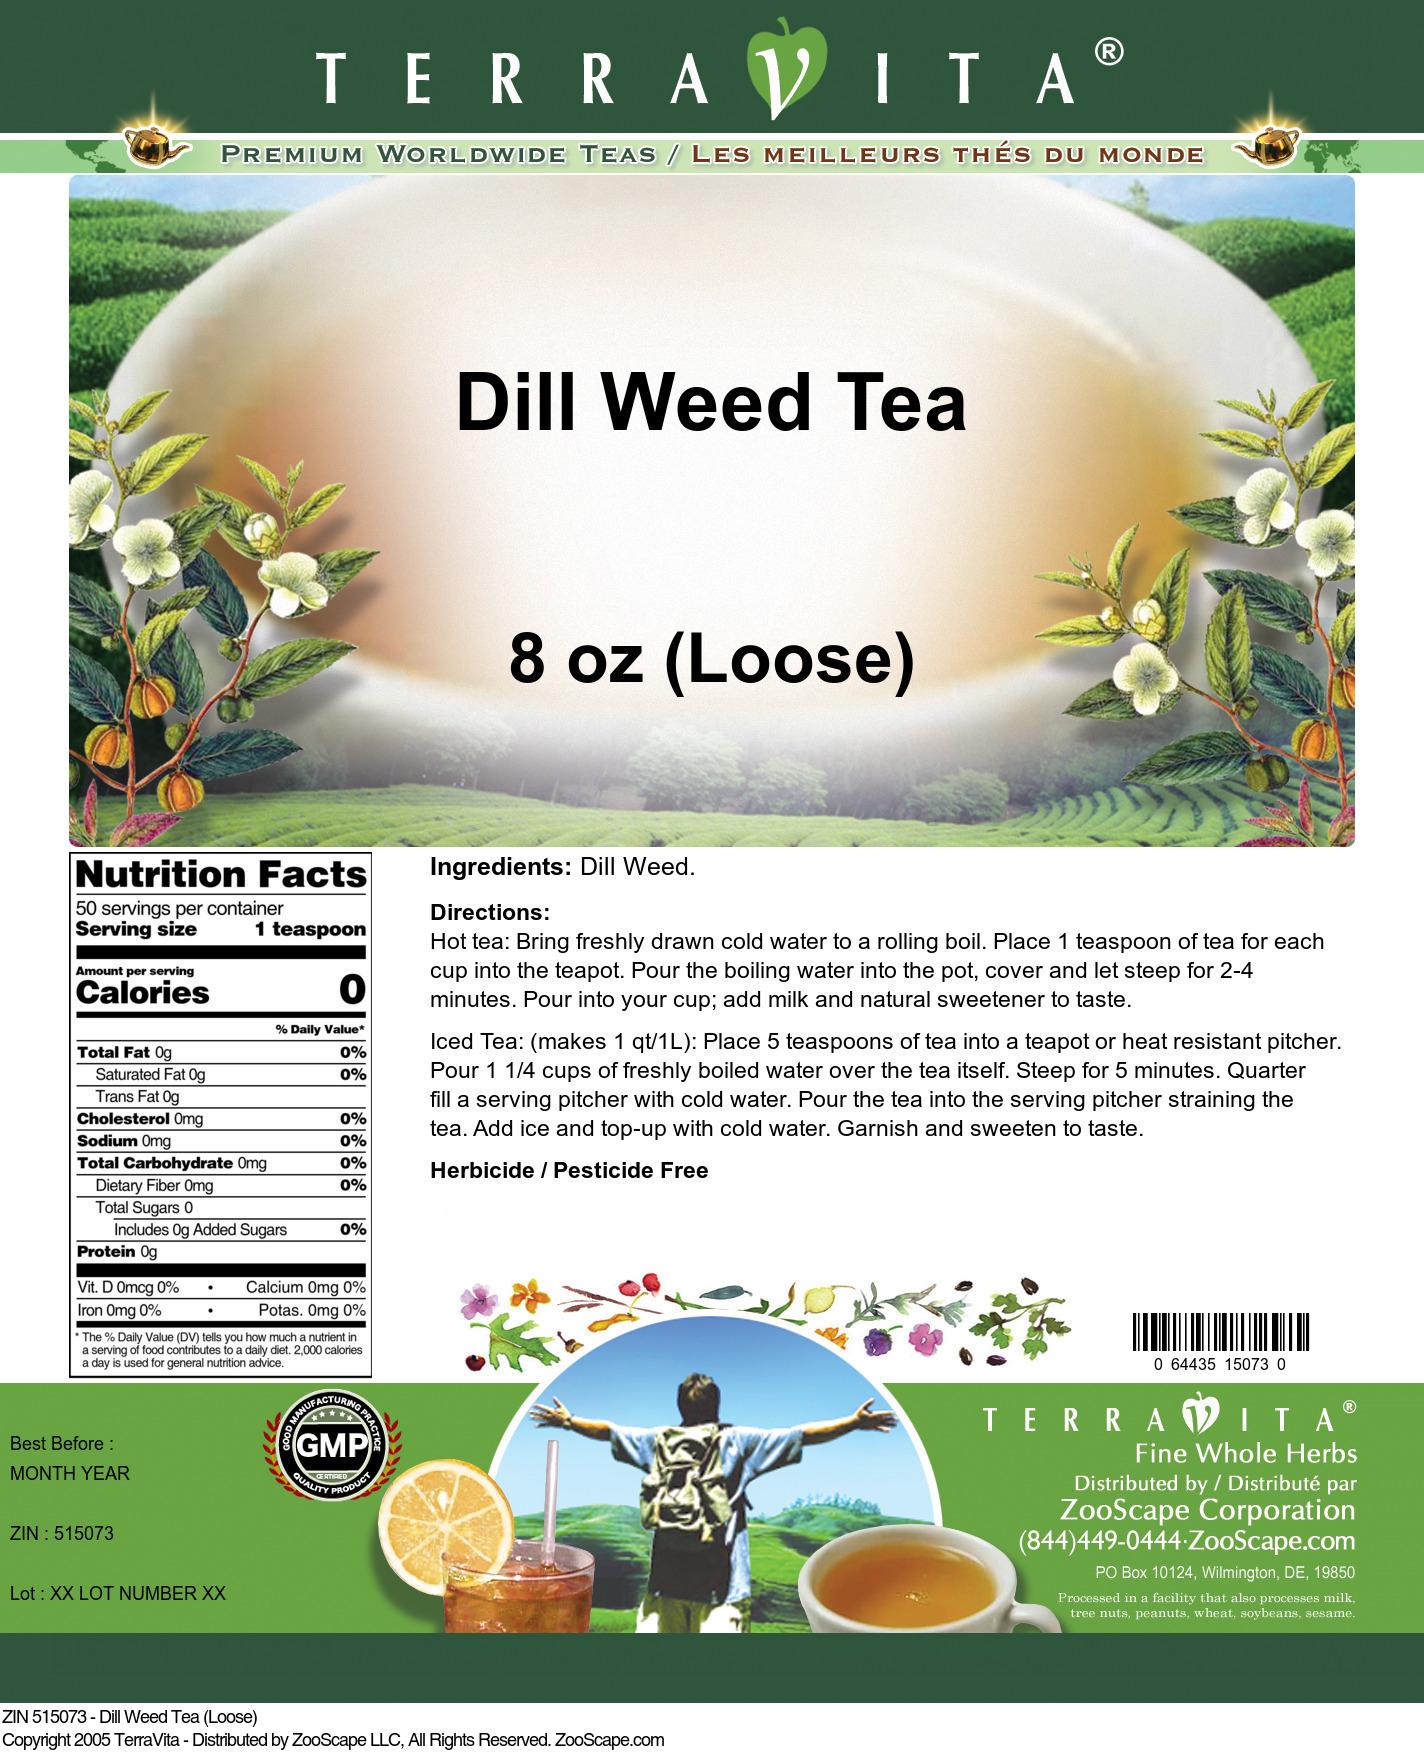 Dill Weed Tea (Loose)